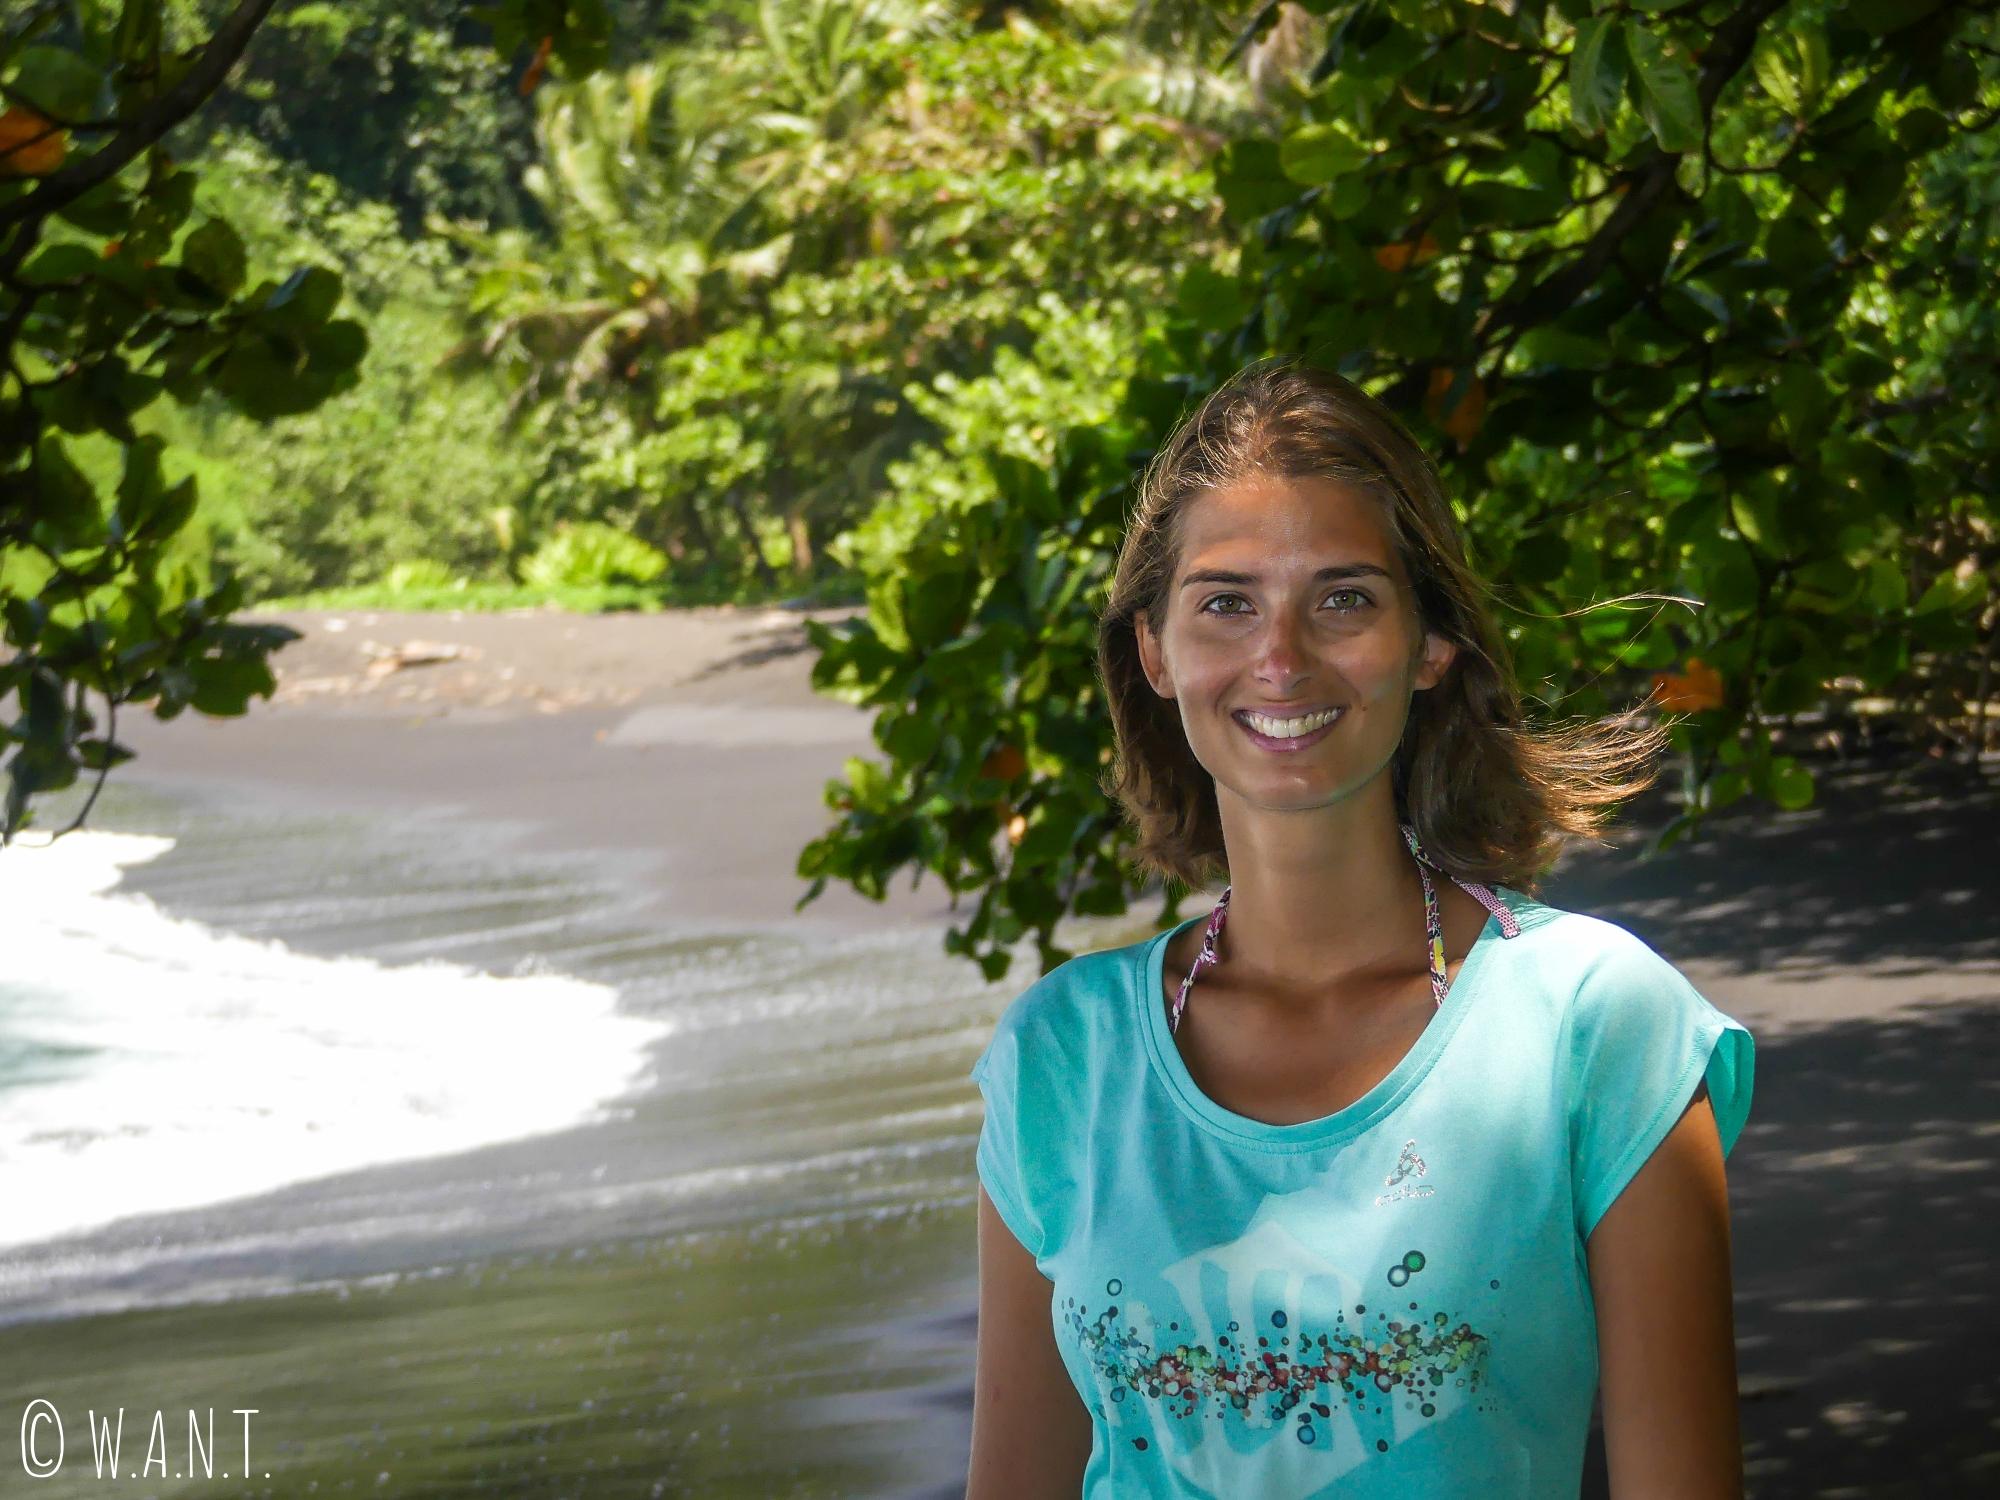 Marion sur l'une des plages de sable noir de Tahiti